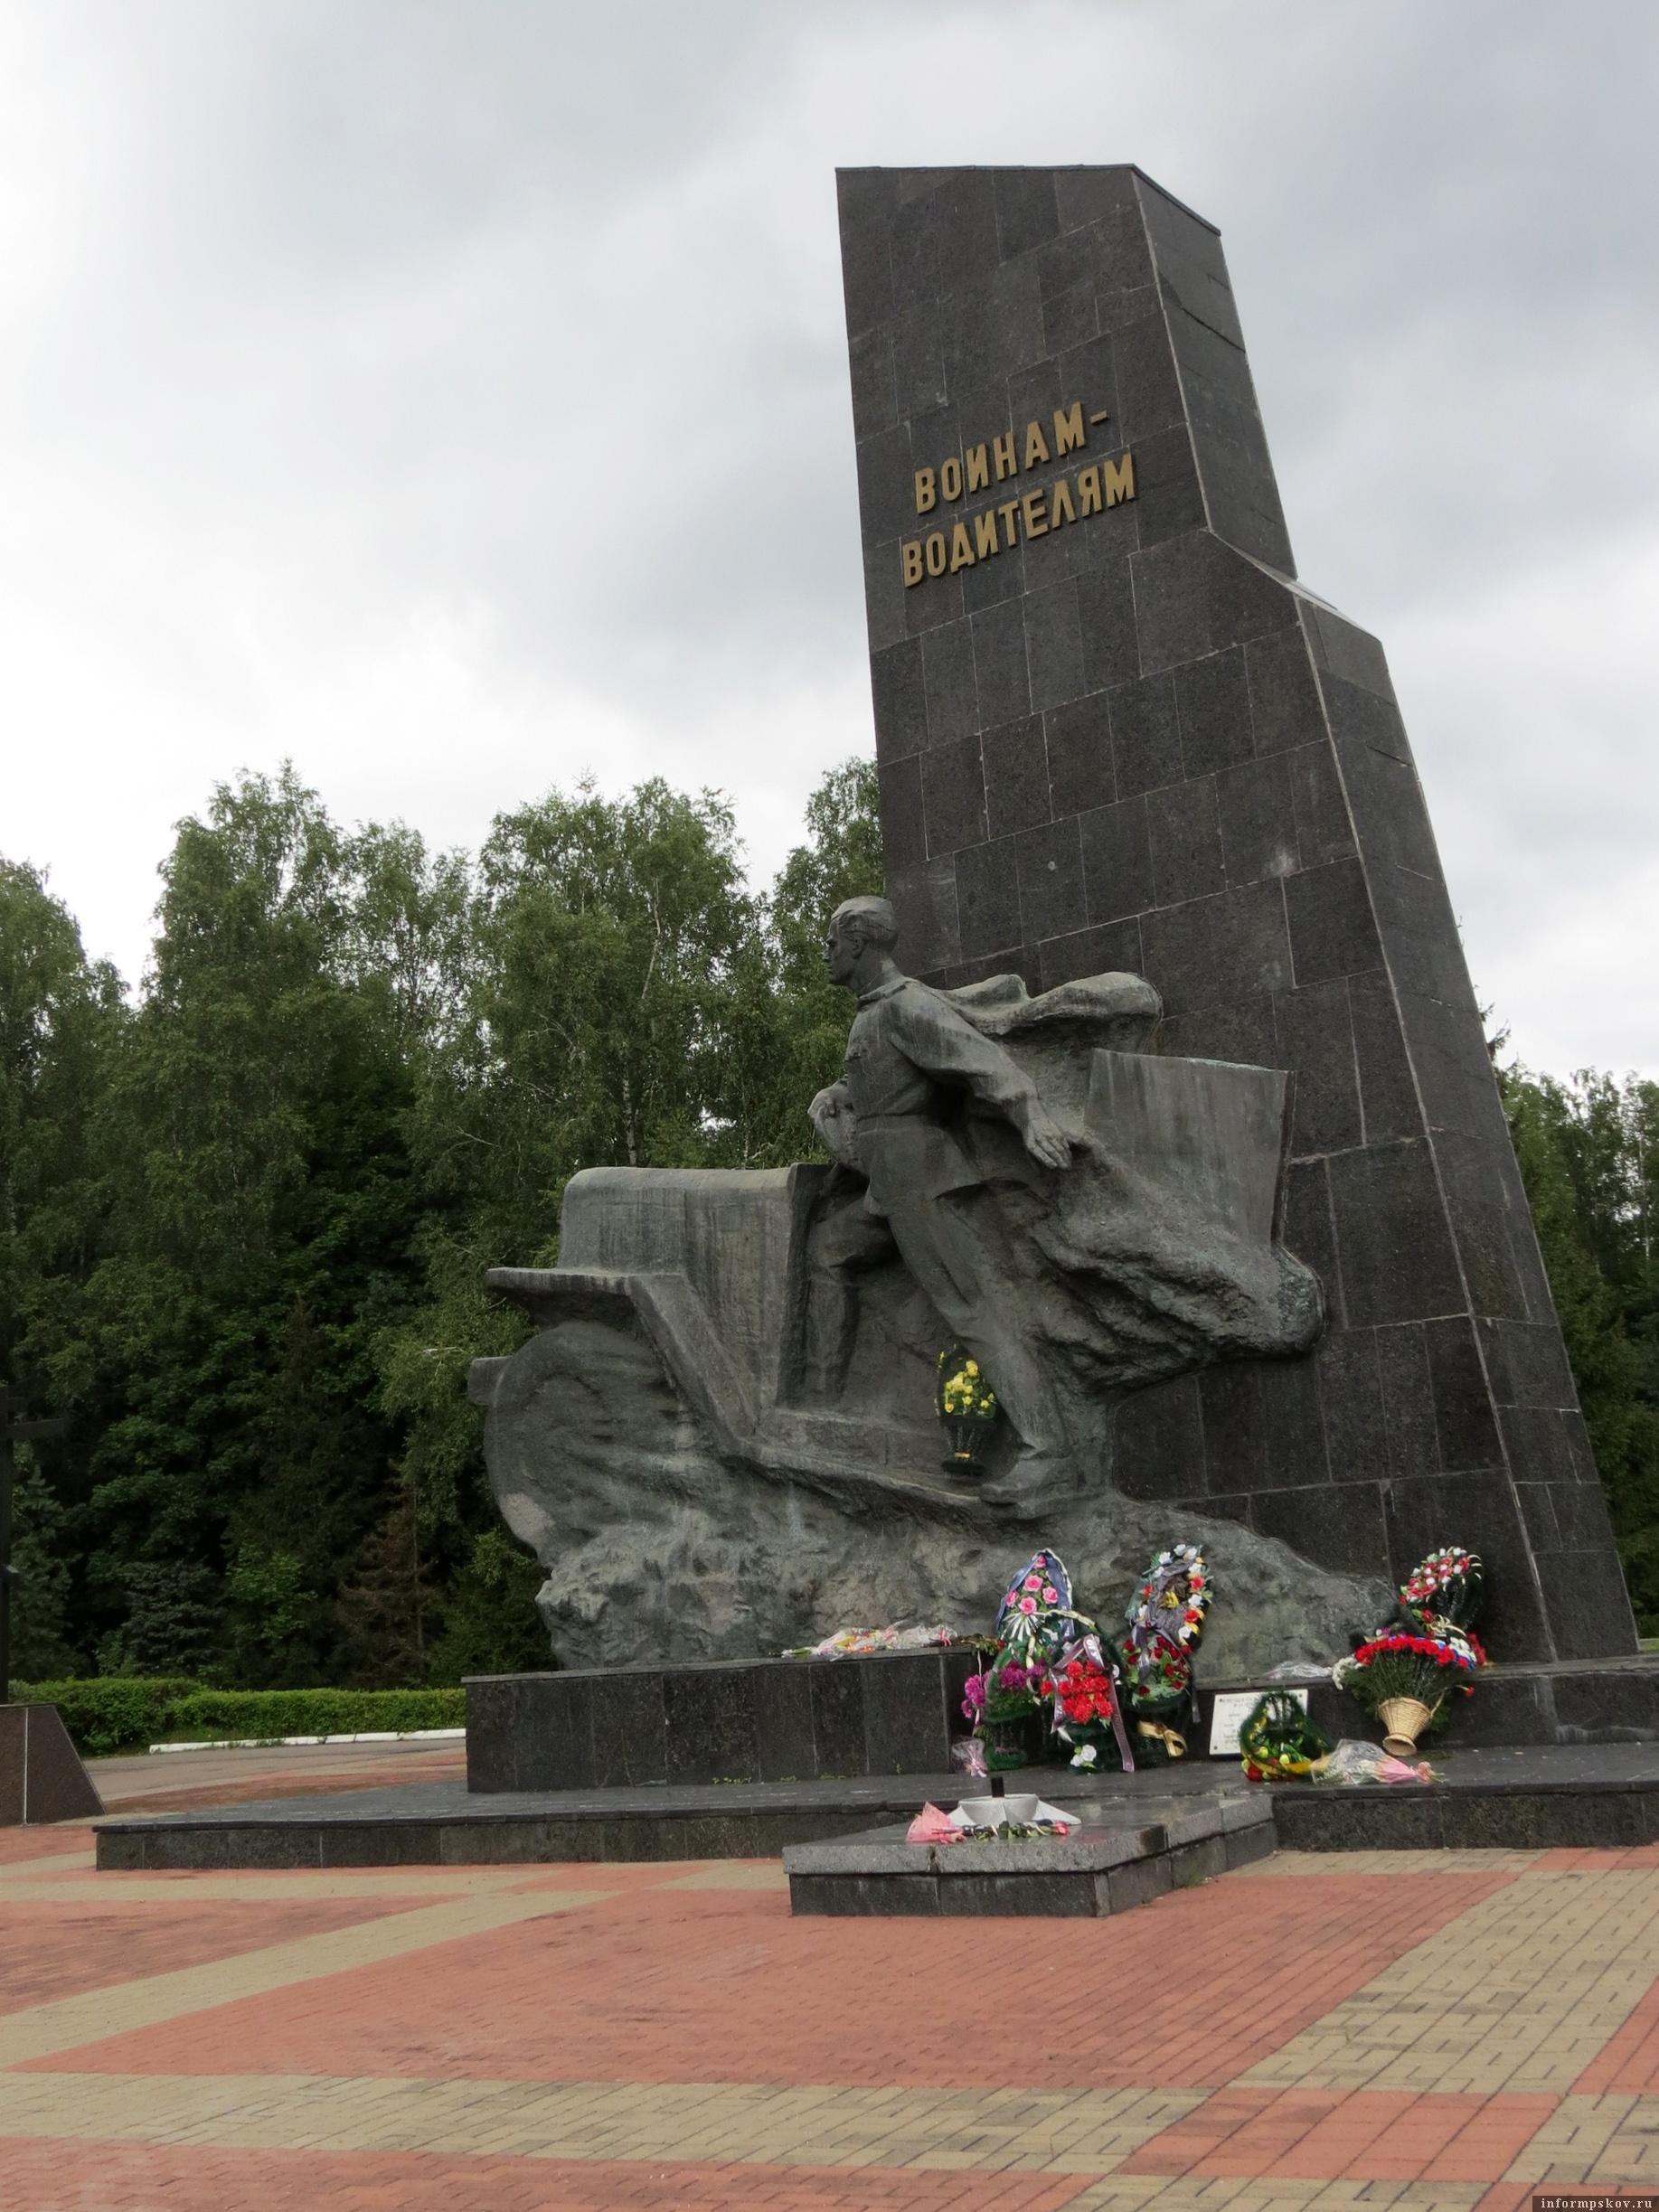 С другой стороны дороги - большой памятник воину-водителю, стоящему на подножке и управляющему одной рукой горящим автомобилем. Фото автора